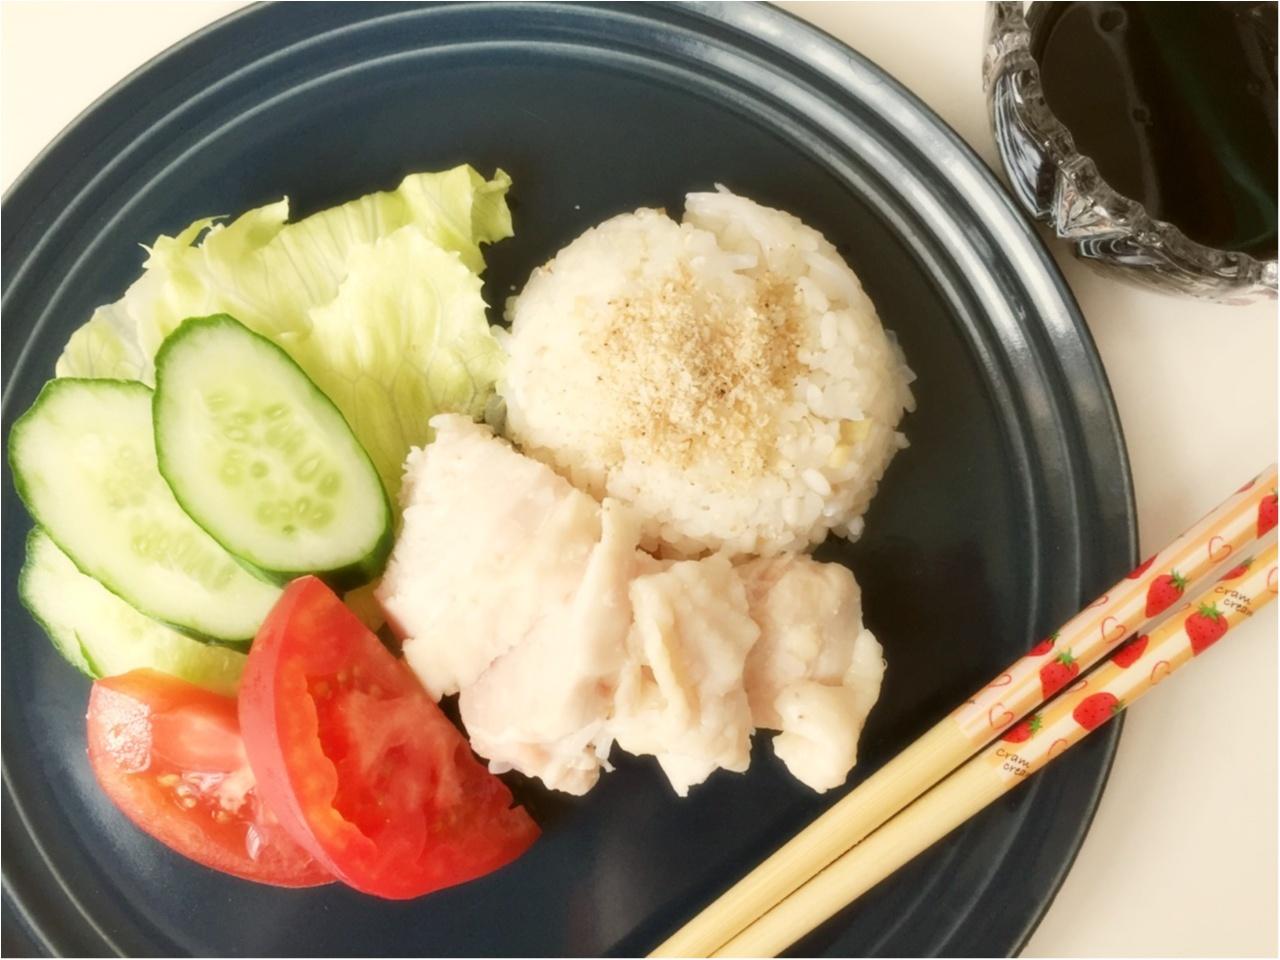 シンガポールチキンライスを作ってみました!使えるおすすめ食器も紹介しています♡*_1